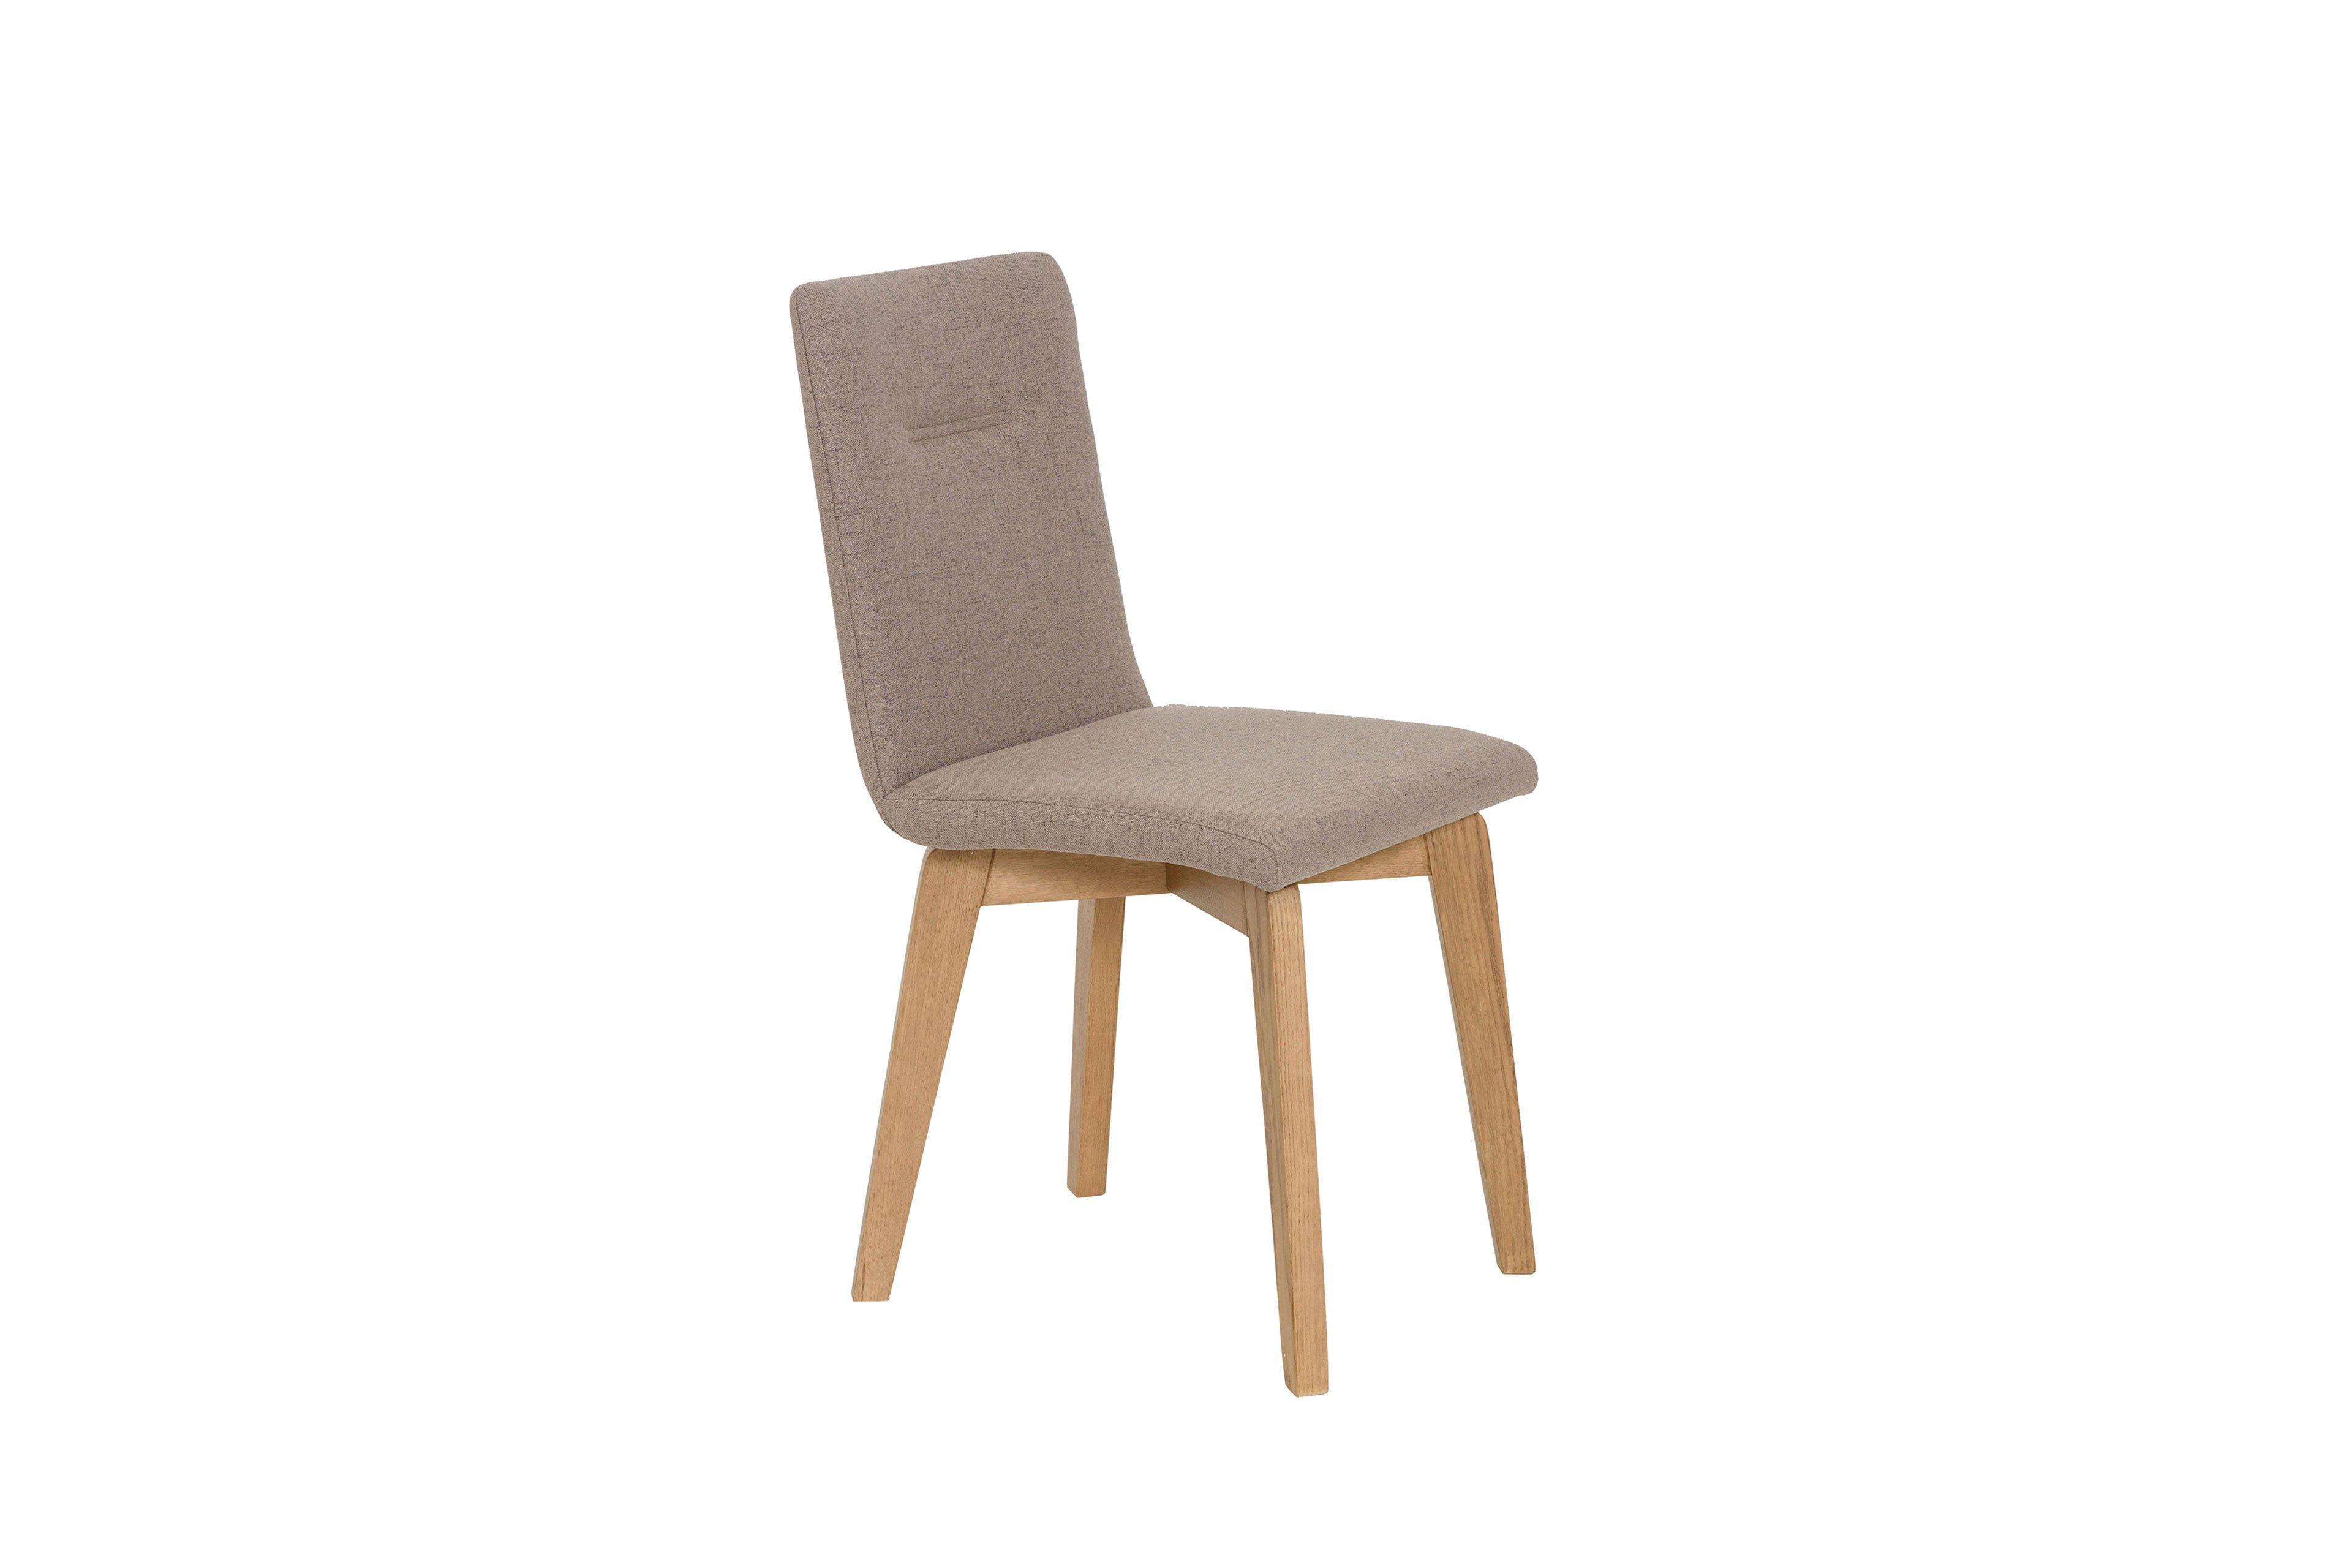 Ontario 1 von Standard Furniture Stuhl in Taupe mit Holzbeinen